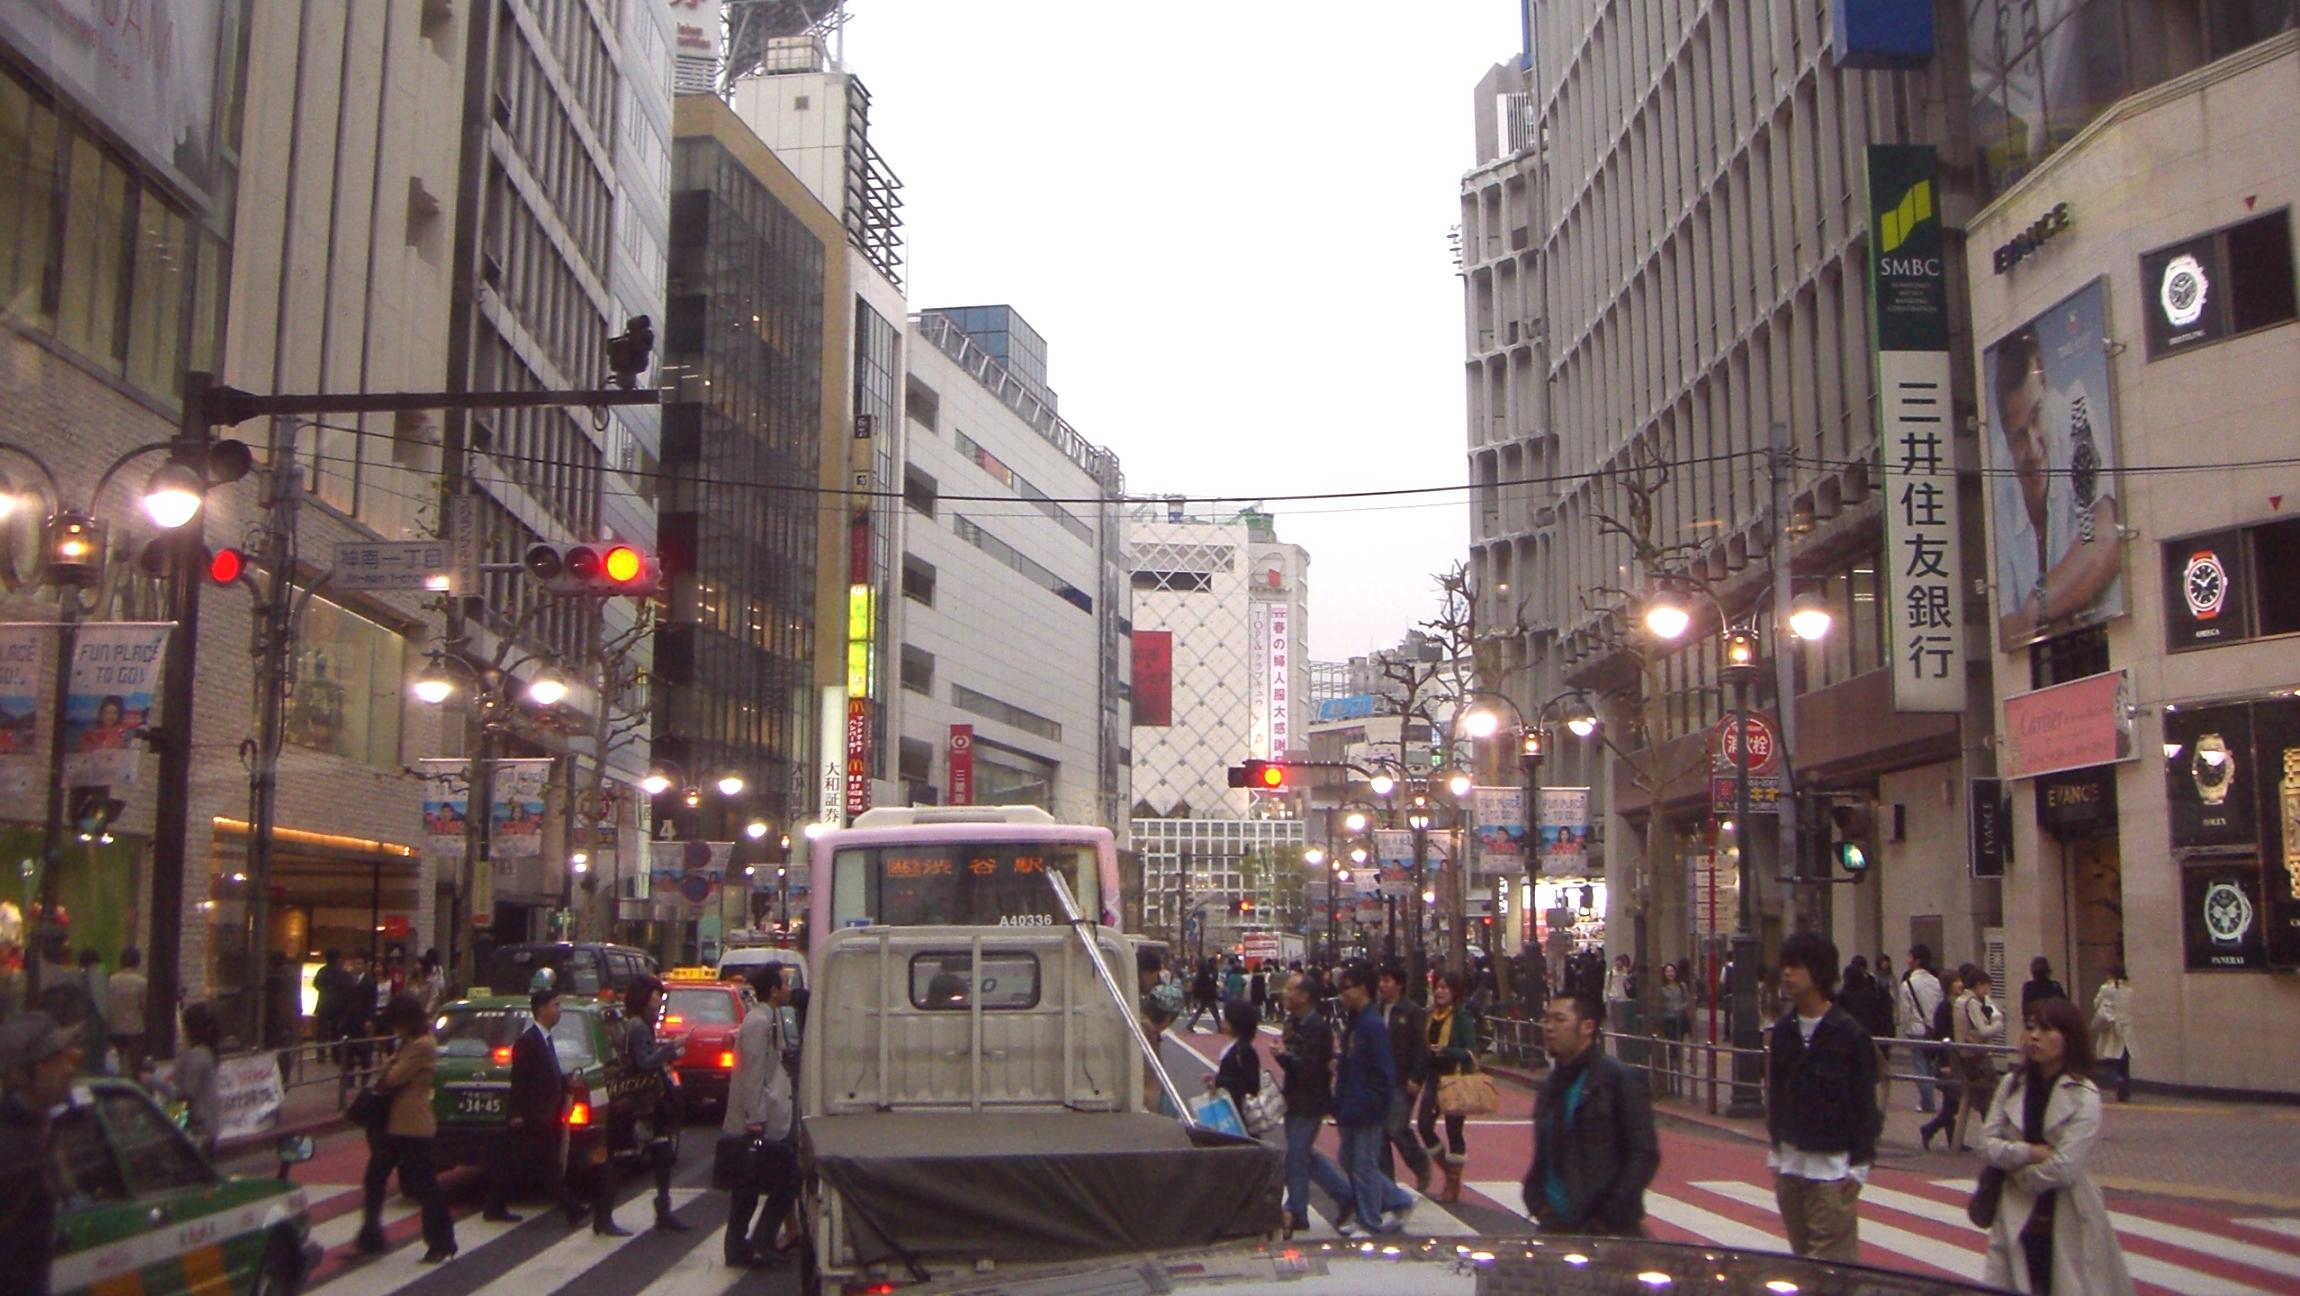 【渋谷区民】転居届けを出してみたら、ちょっと高揚感があった件。